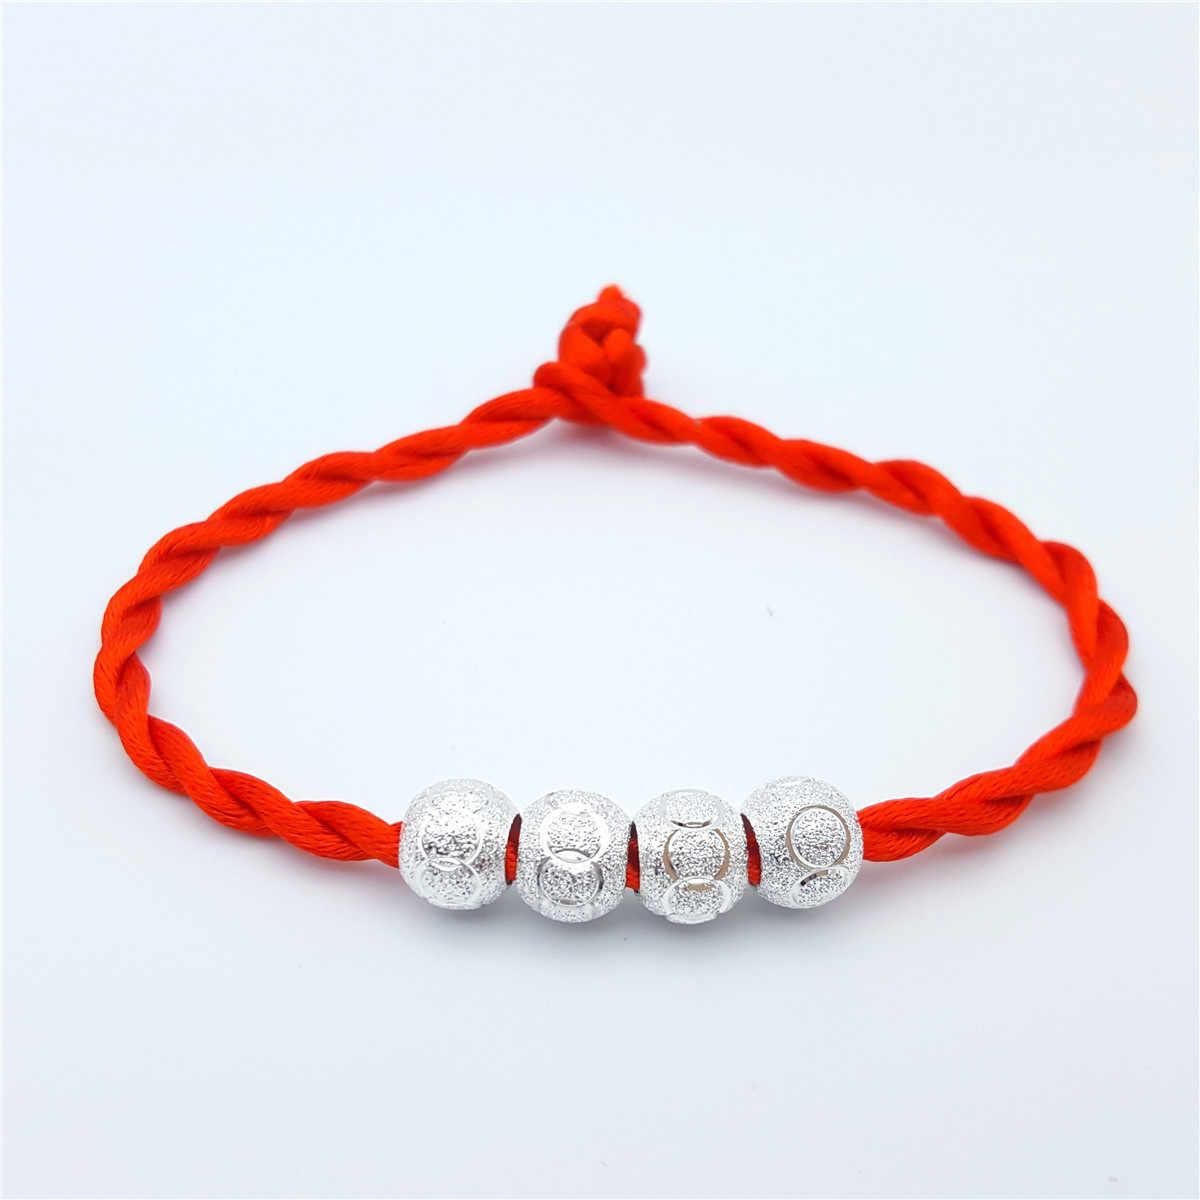 Küçük hediye üreticileri toptan kırmızı halat bilezik severler 925 gümüş başına ömürlü kırmızı el ipi hediye hediye küçük hediye